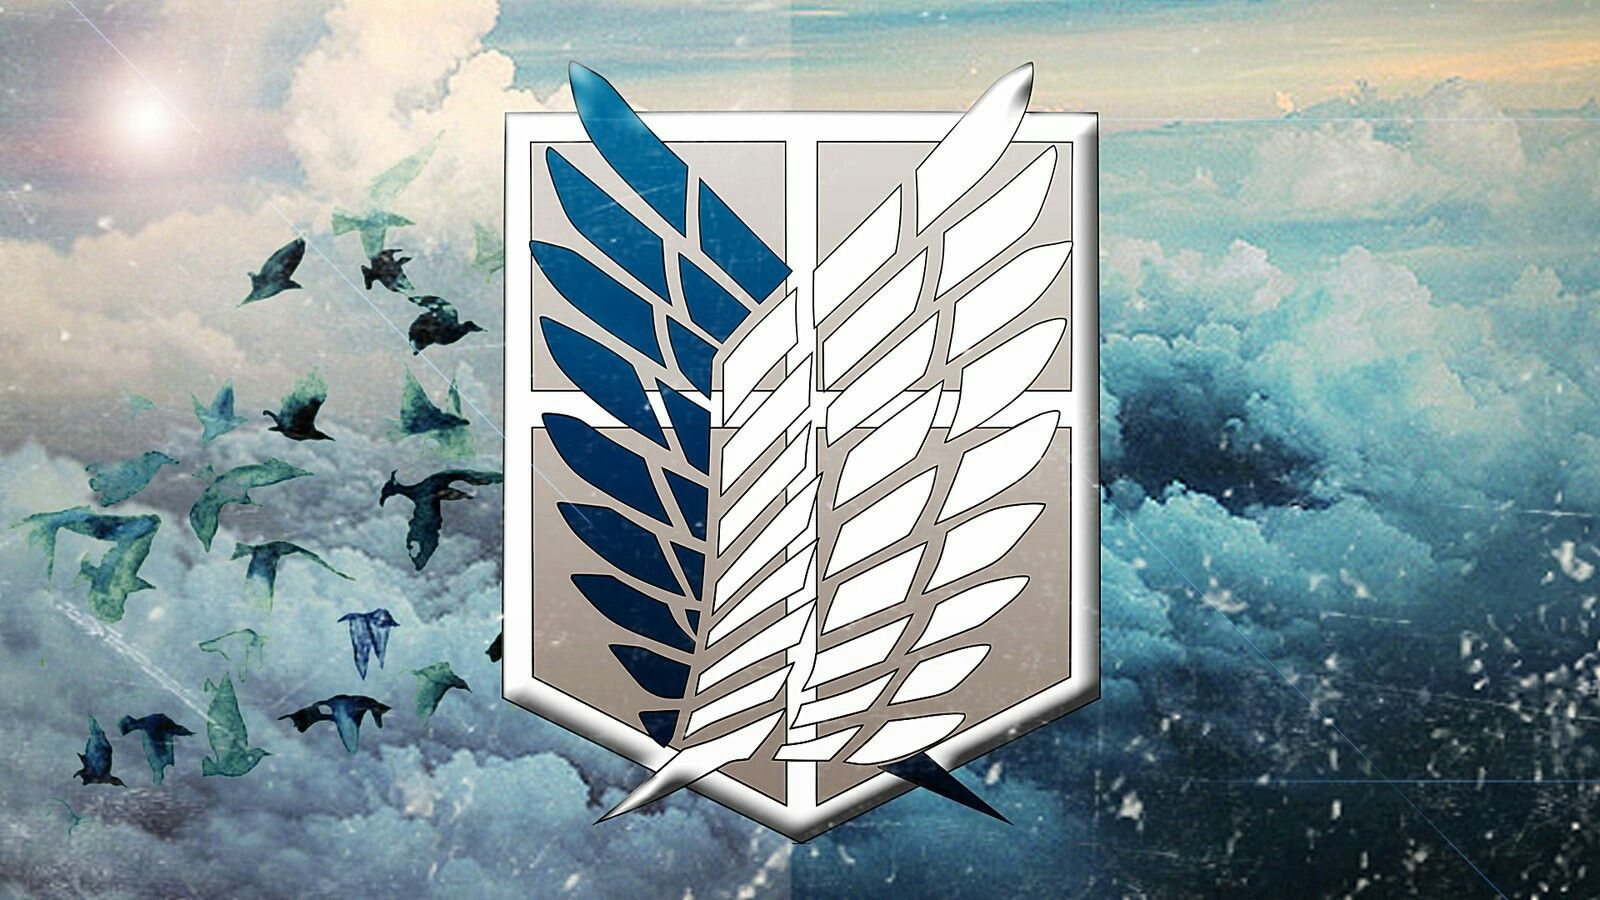 Les ailes de la liberté Snk | Fond d'écran ordinateur, Attaque des titans, Manga attaque des titans